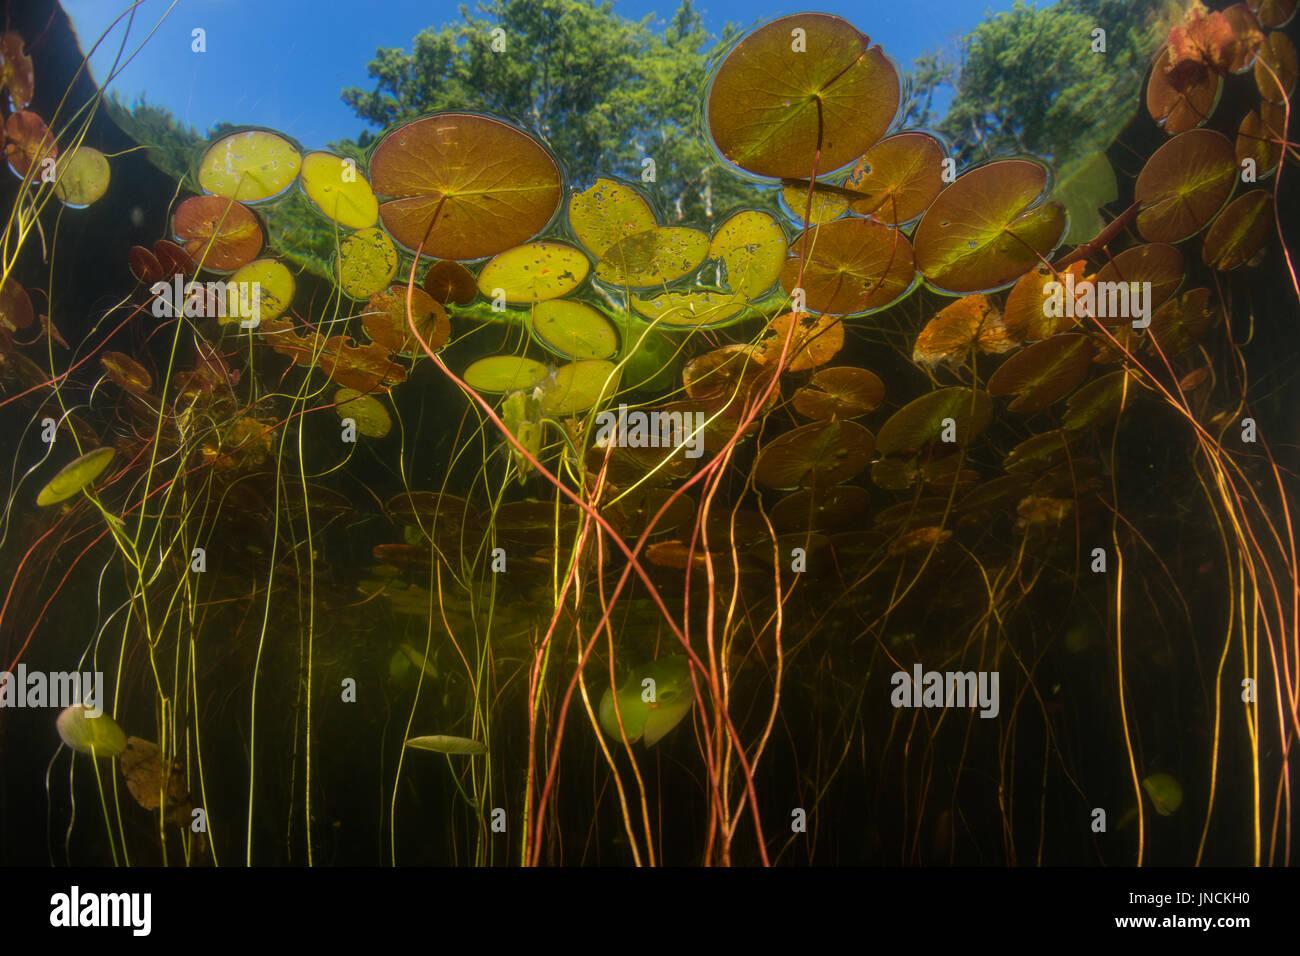 Nenúfares crecen al borde de un estanque de agua dulce en Cape Cod, Massachusetts. Esta hermosa península de Nueva Inglaterra tiene muchos lagos y estanques de hervidor de agua. Imagen De Stock